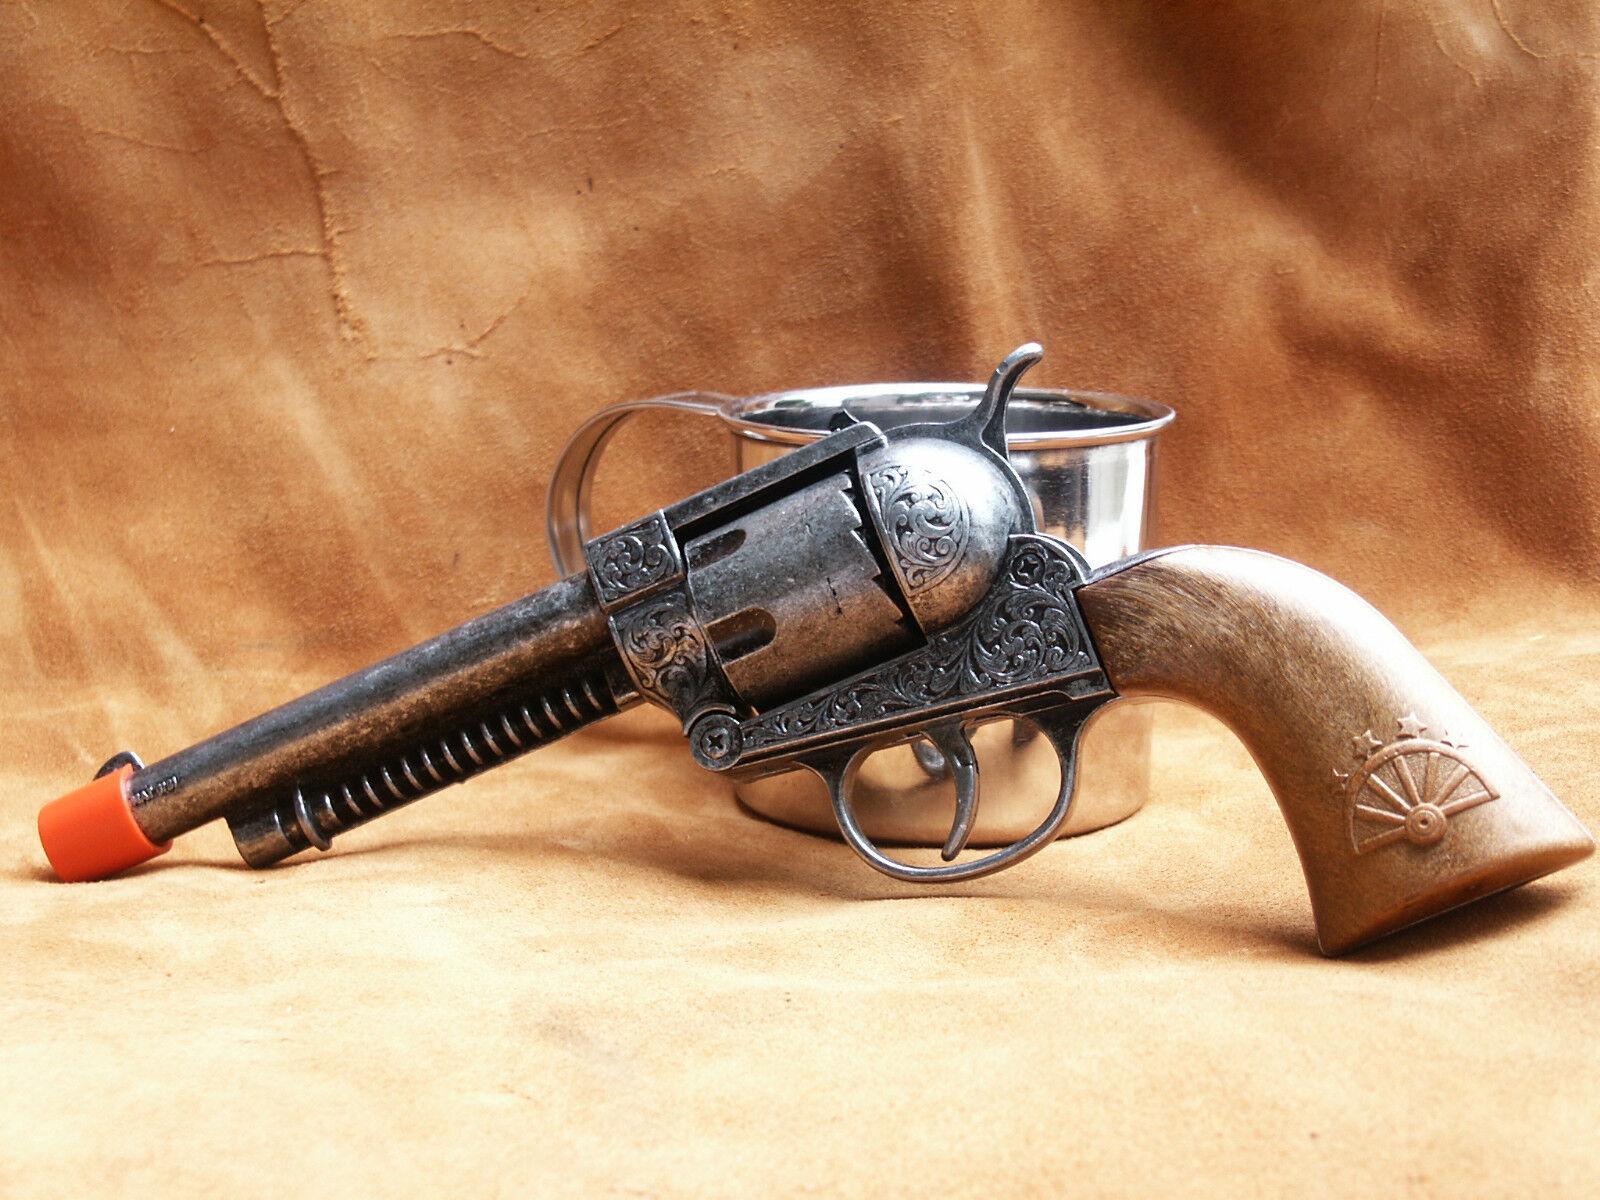 Parris Western Legends Lawman Die Cast Metal Cap Pistol Toys